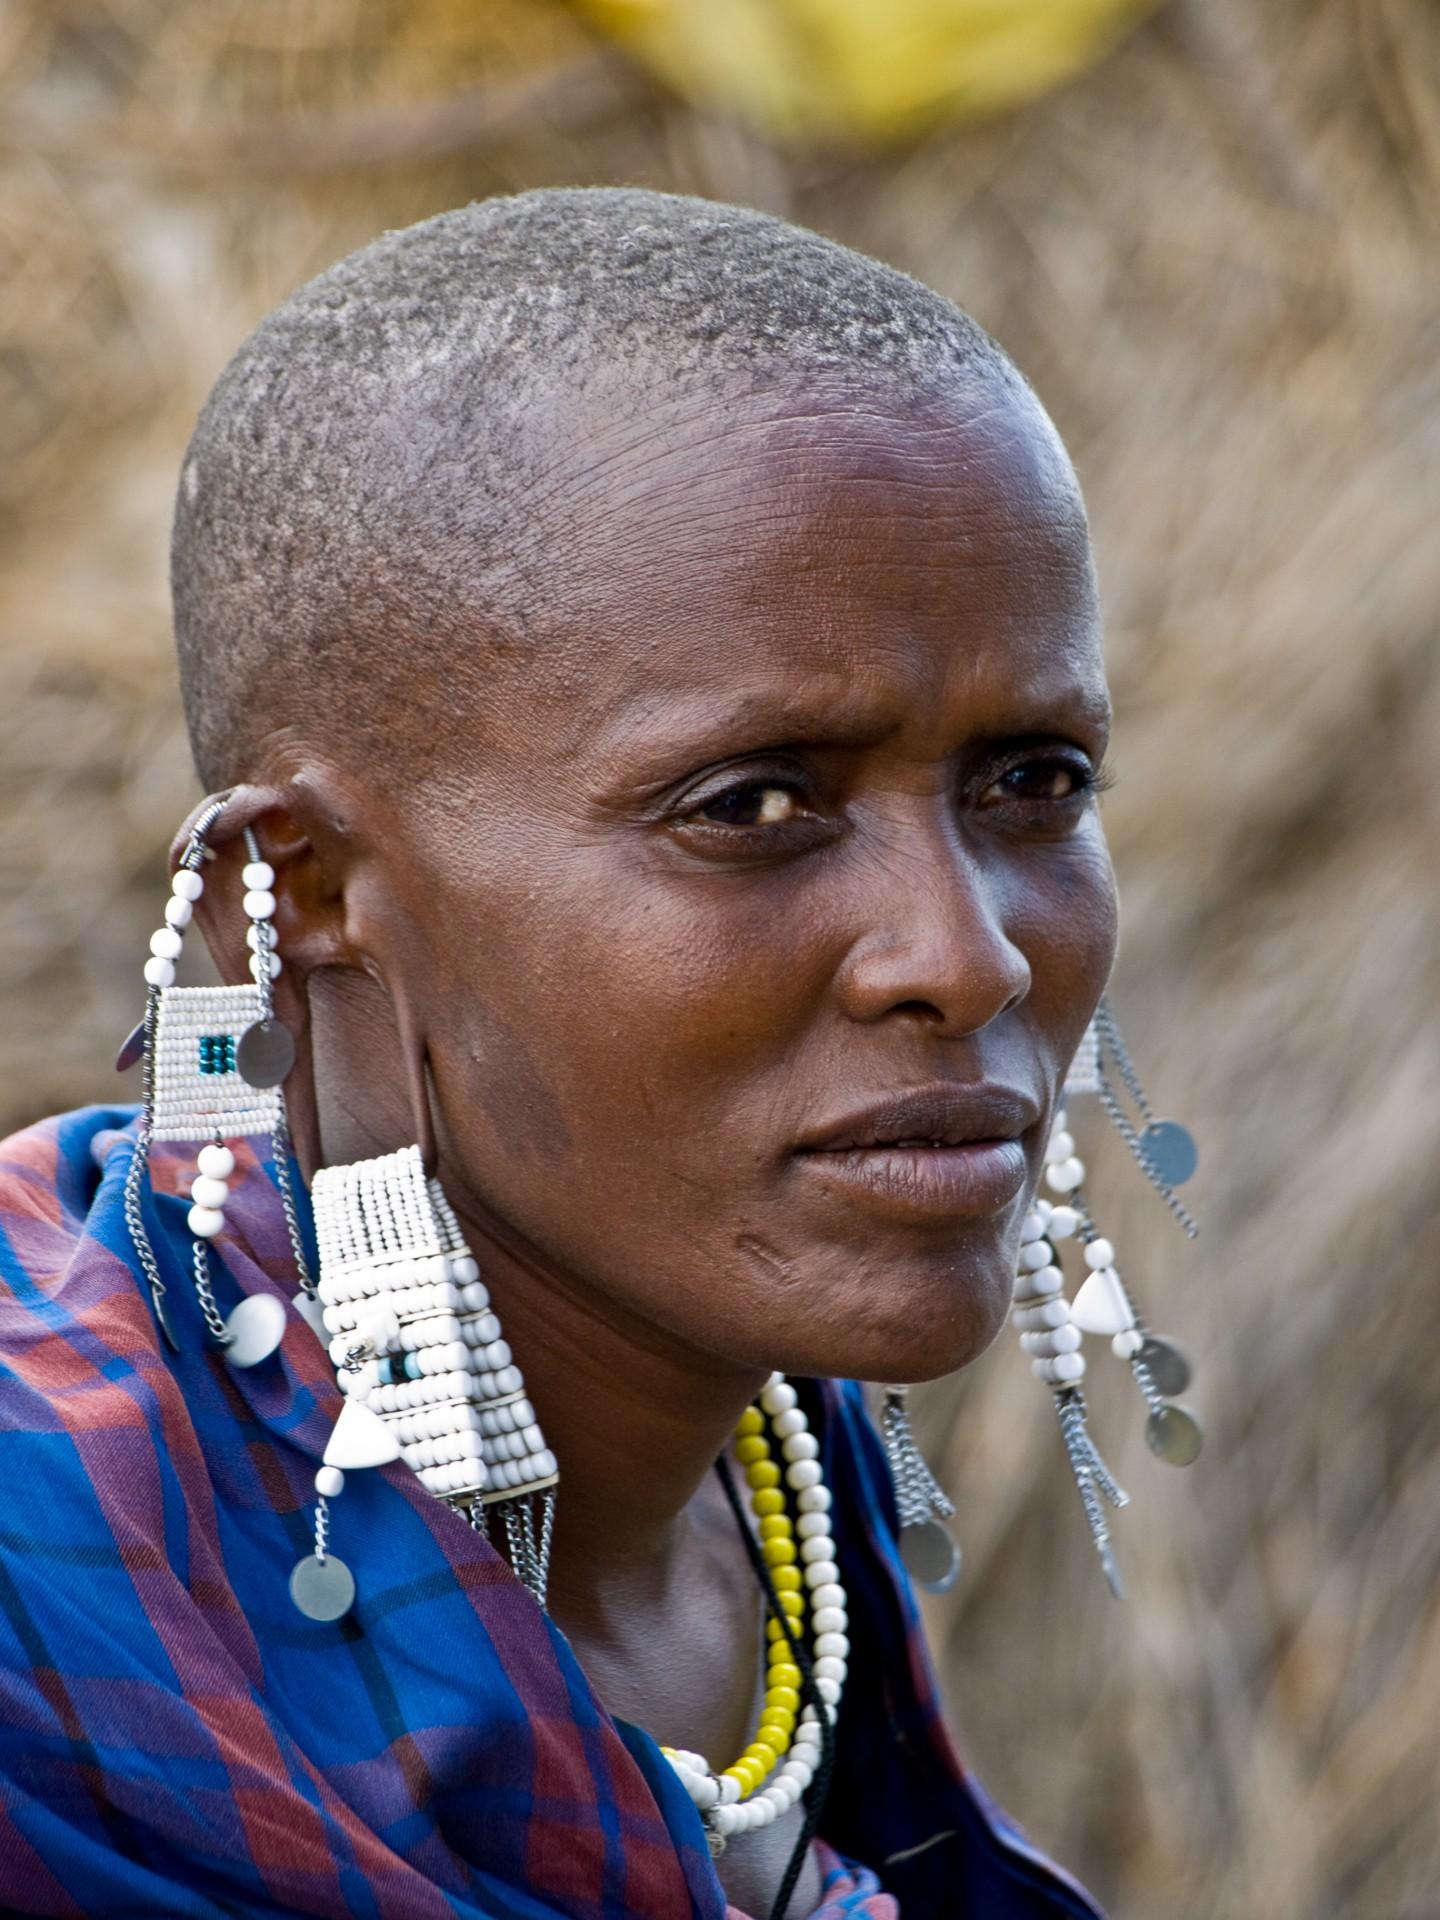 Kakav je dječji život u plemenu Massai?